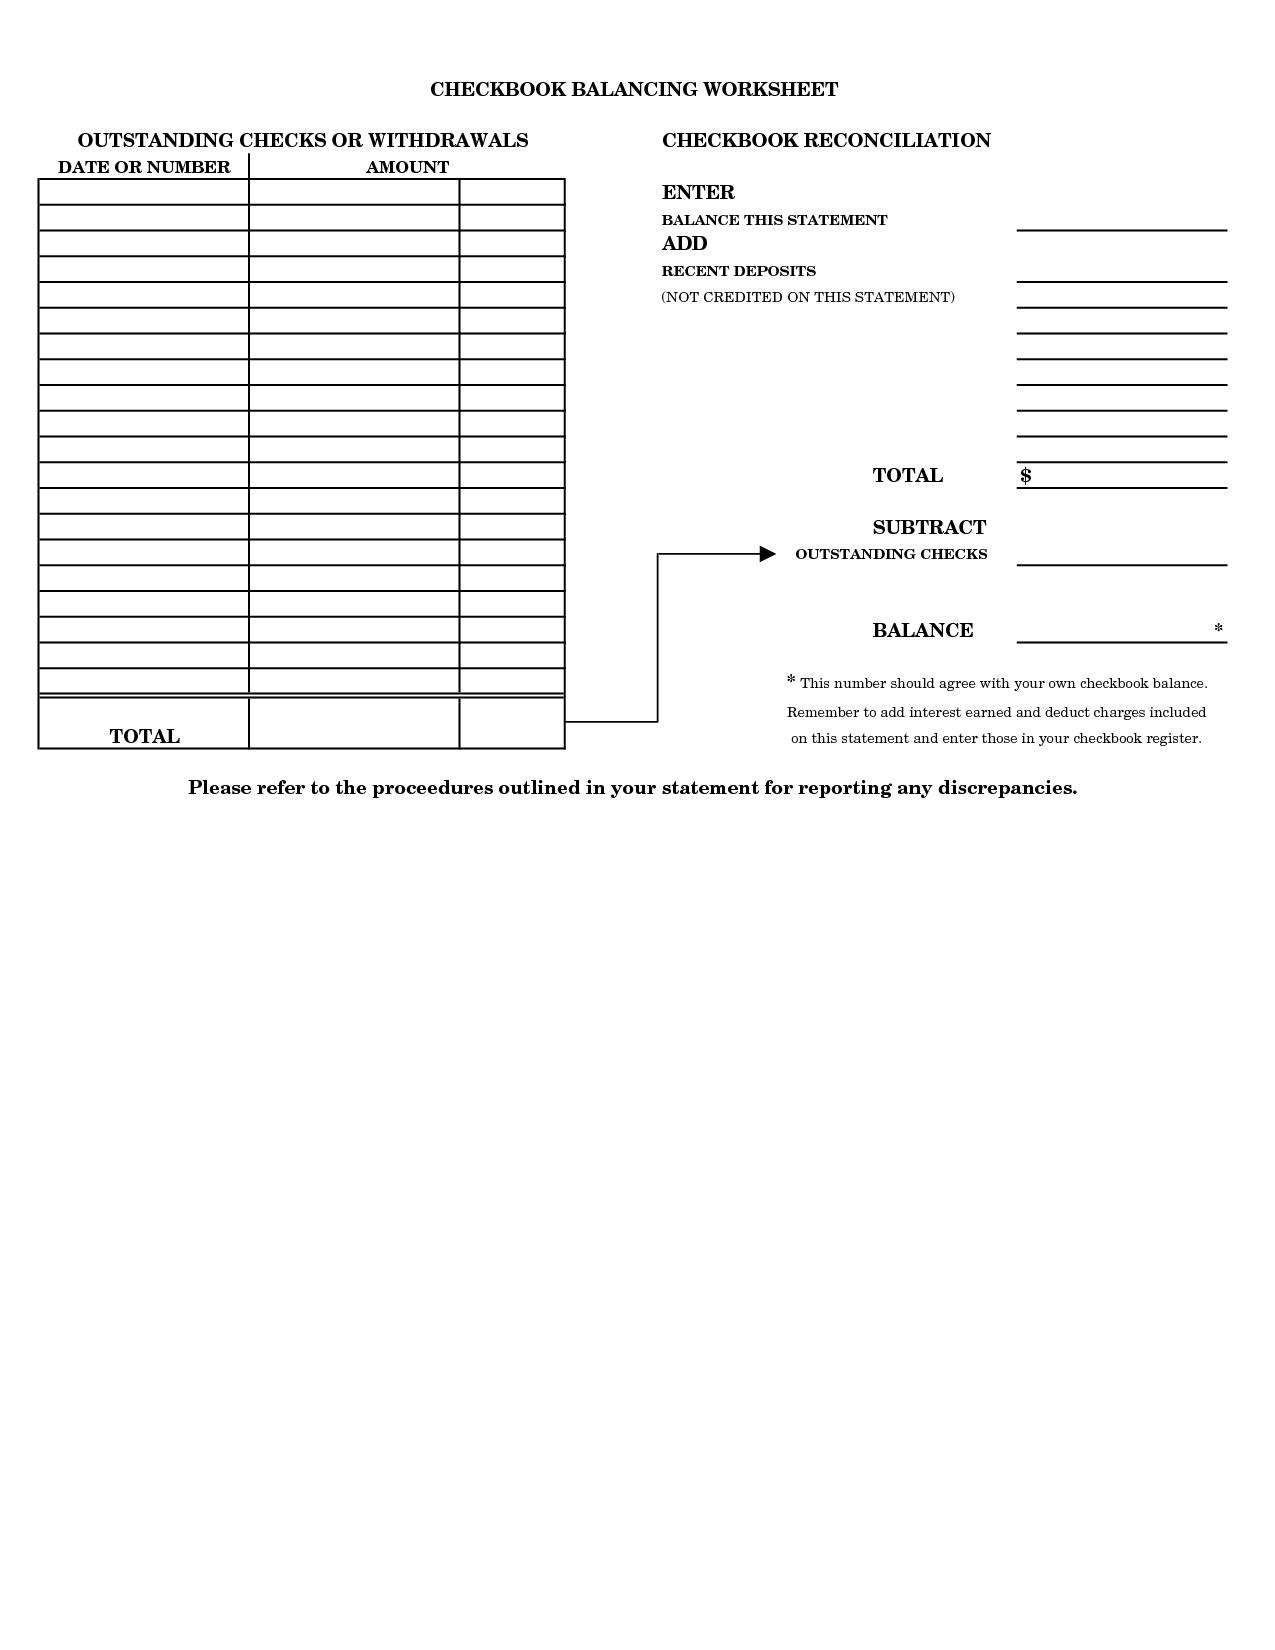 Printable Checkbook Balancing Form